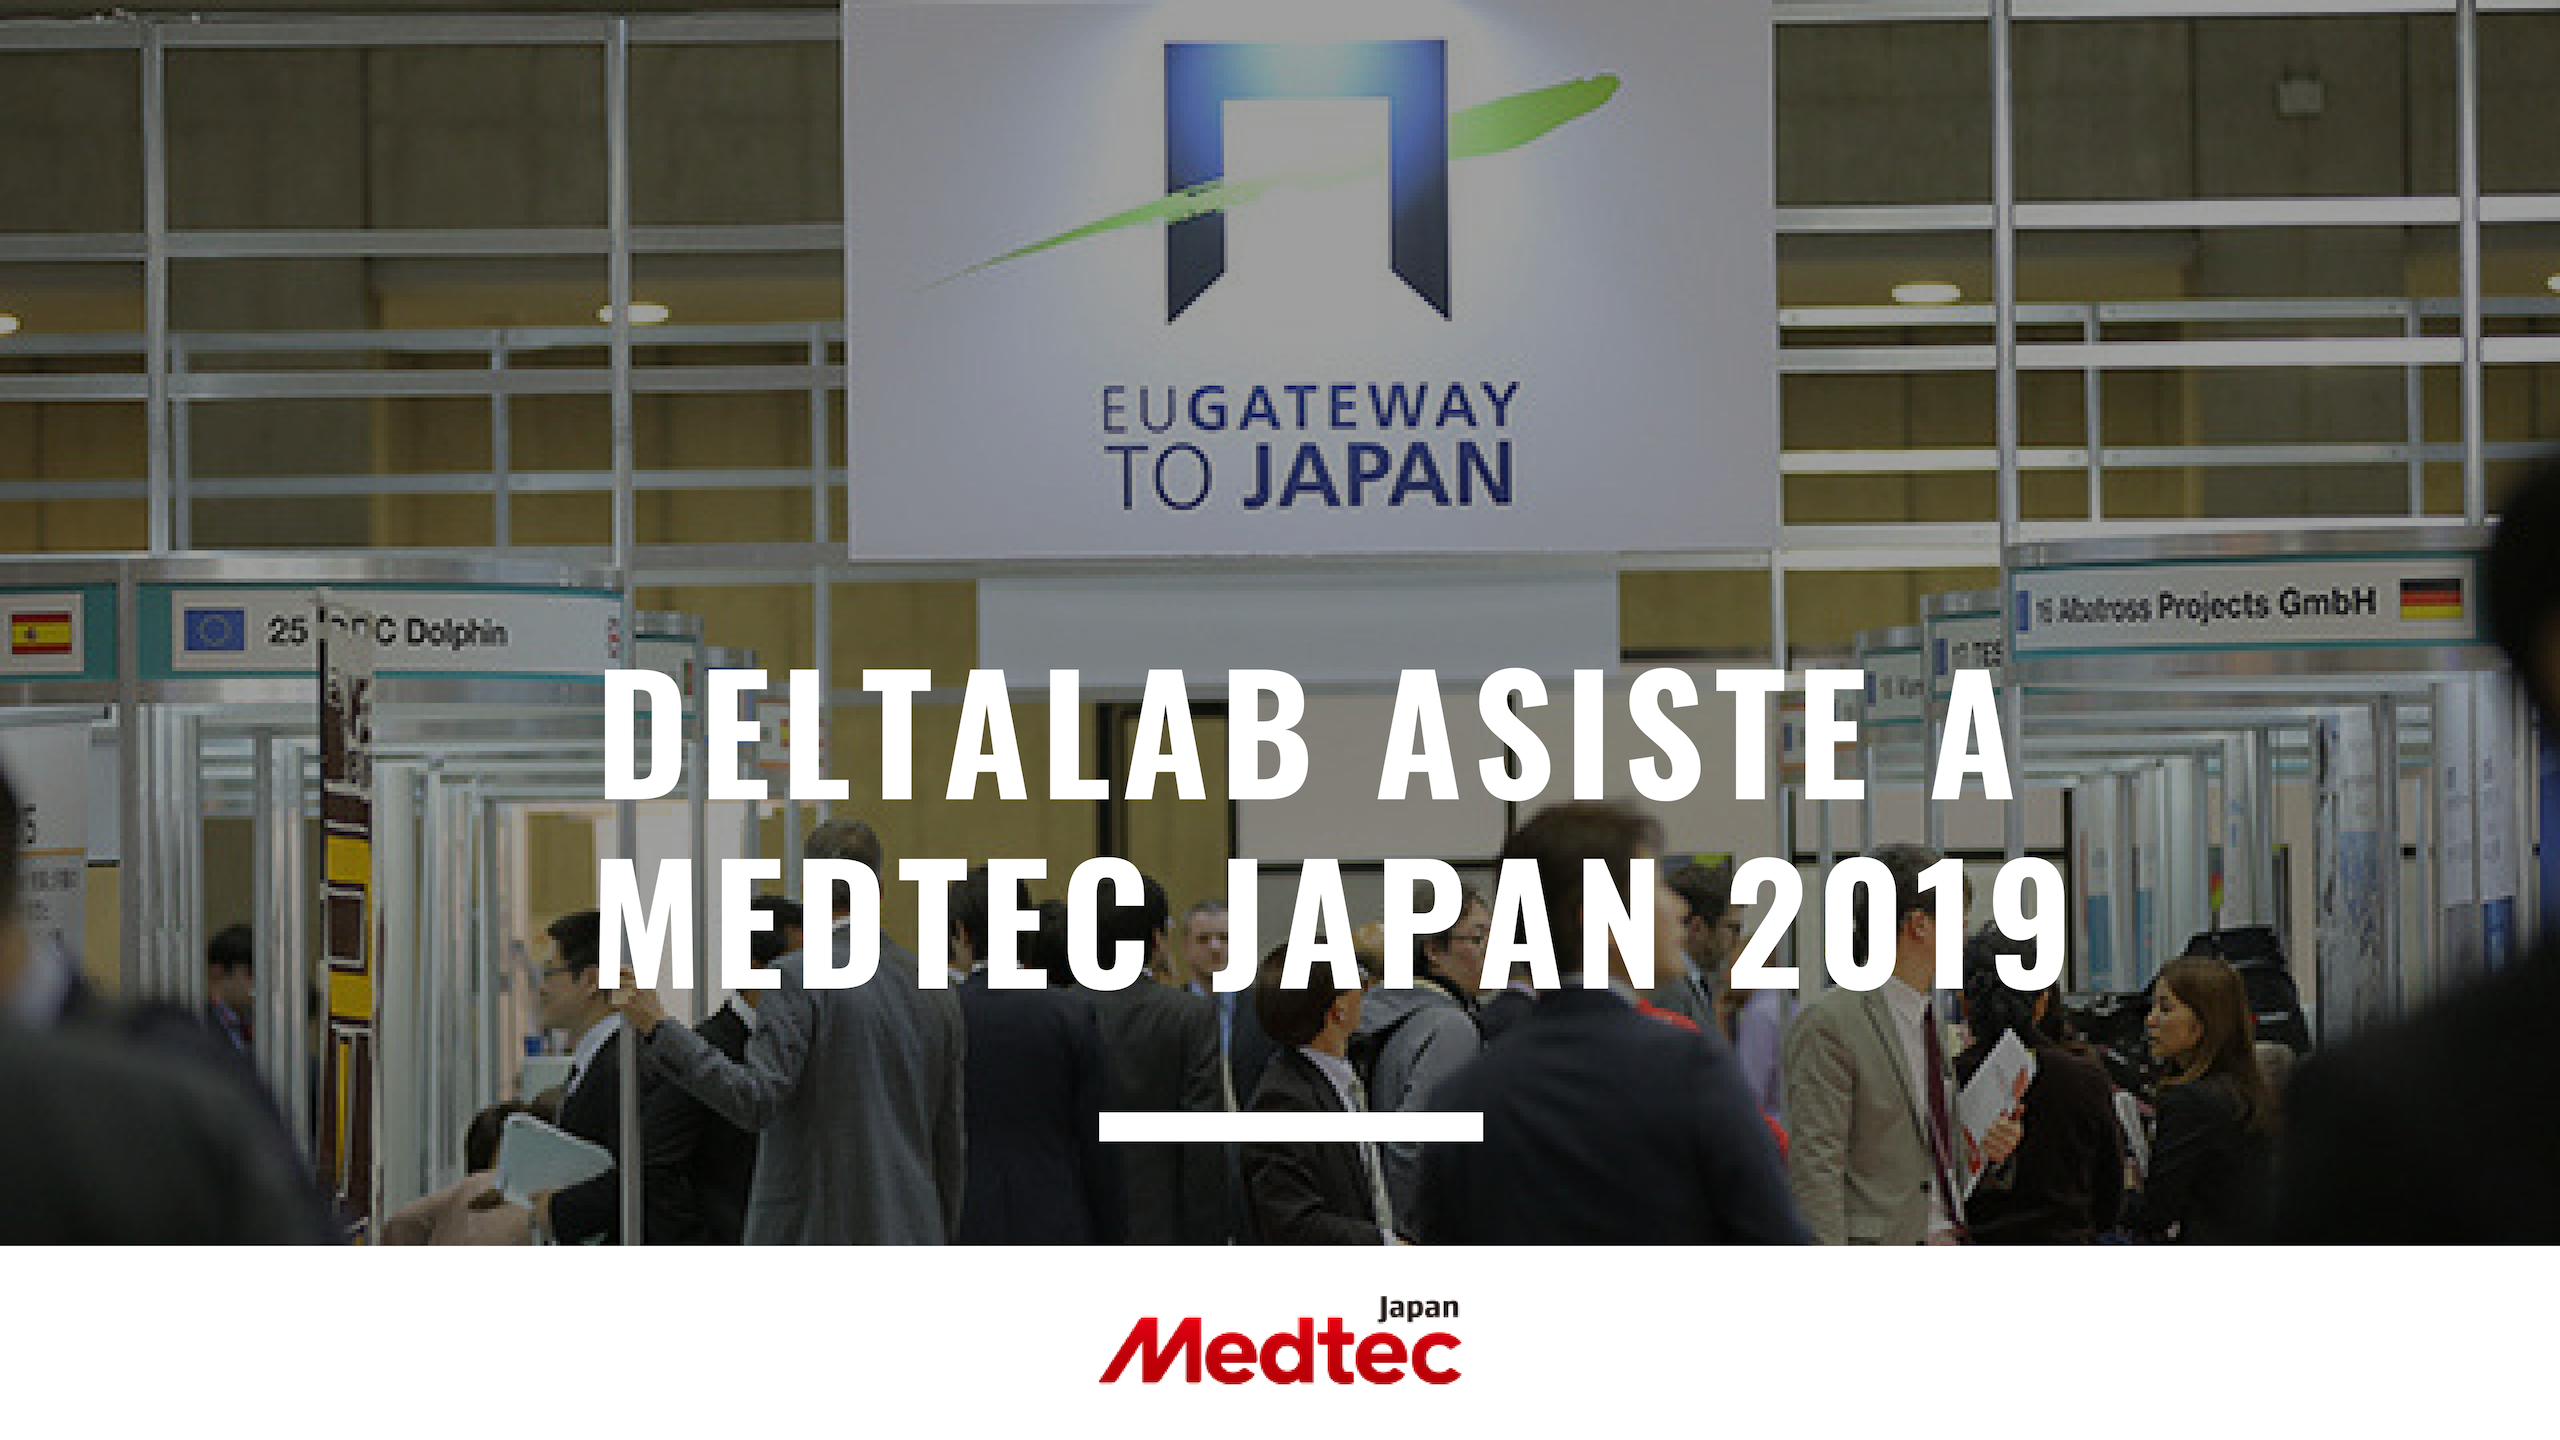 Deltalab asiste a MedTec Japan 2019